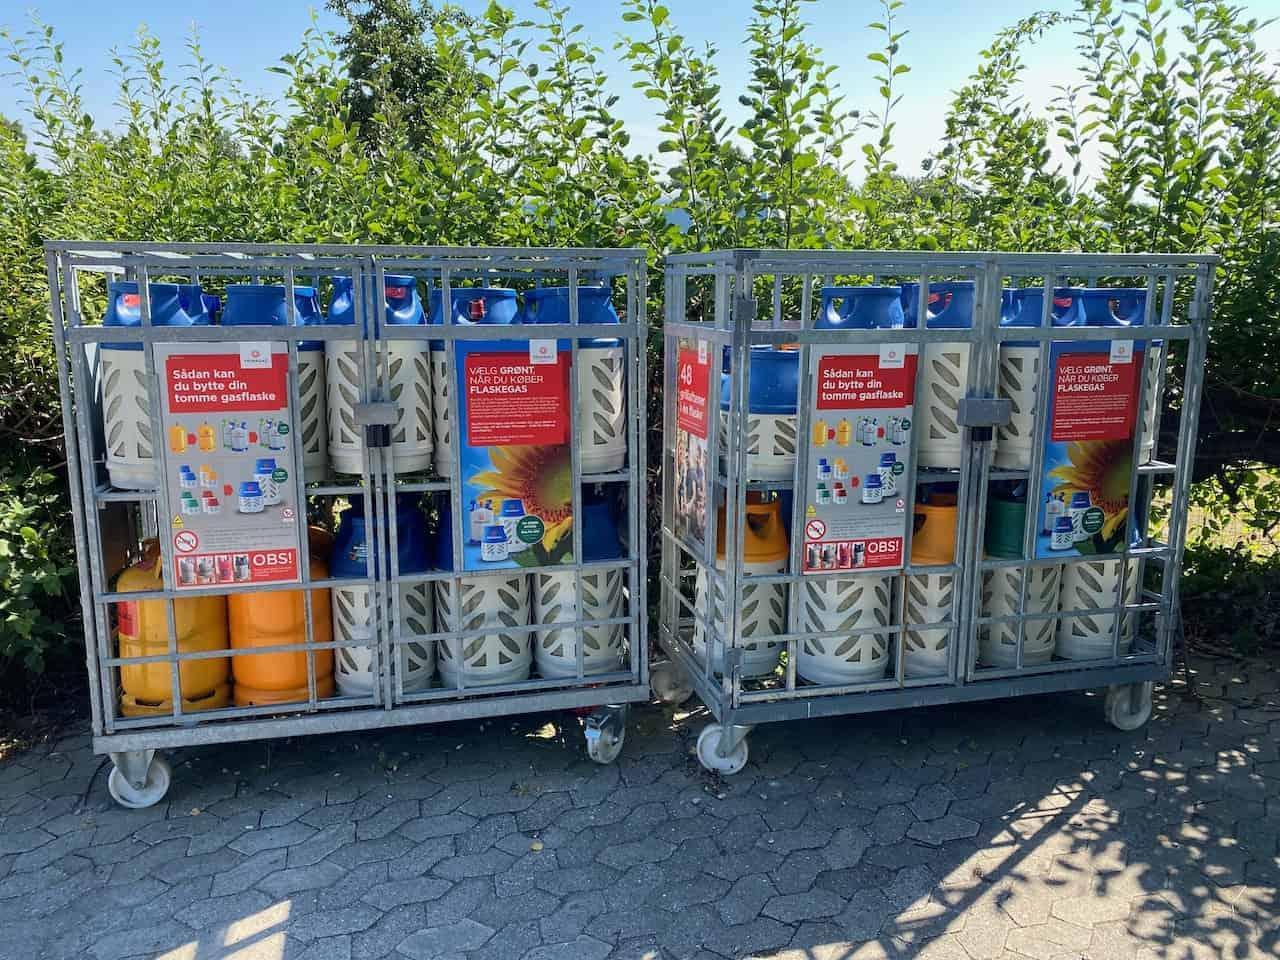 Dänemark-Gasflaschen-Primagaz-Campingplatz